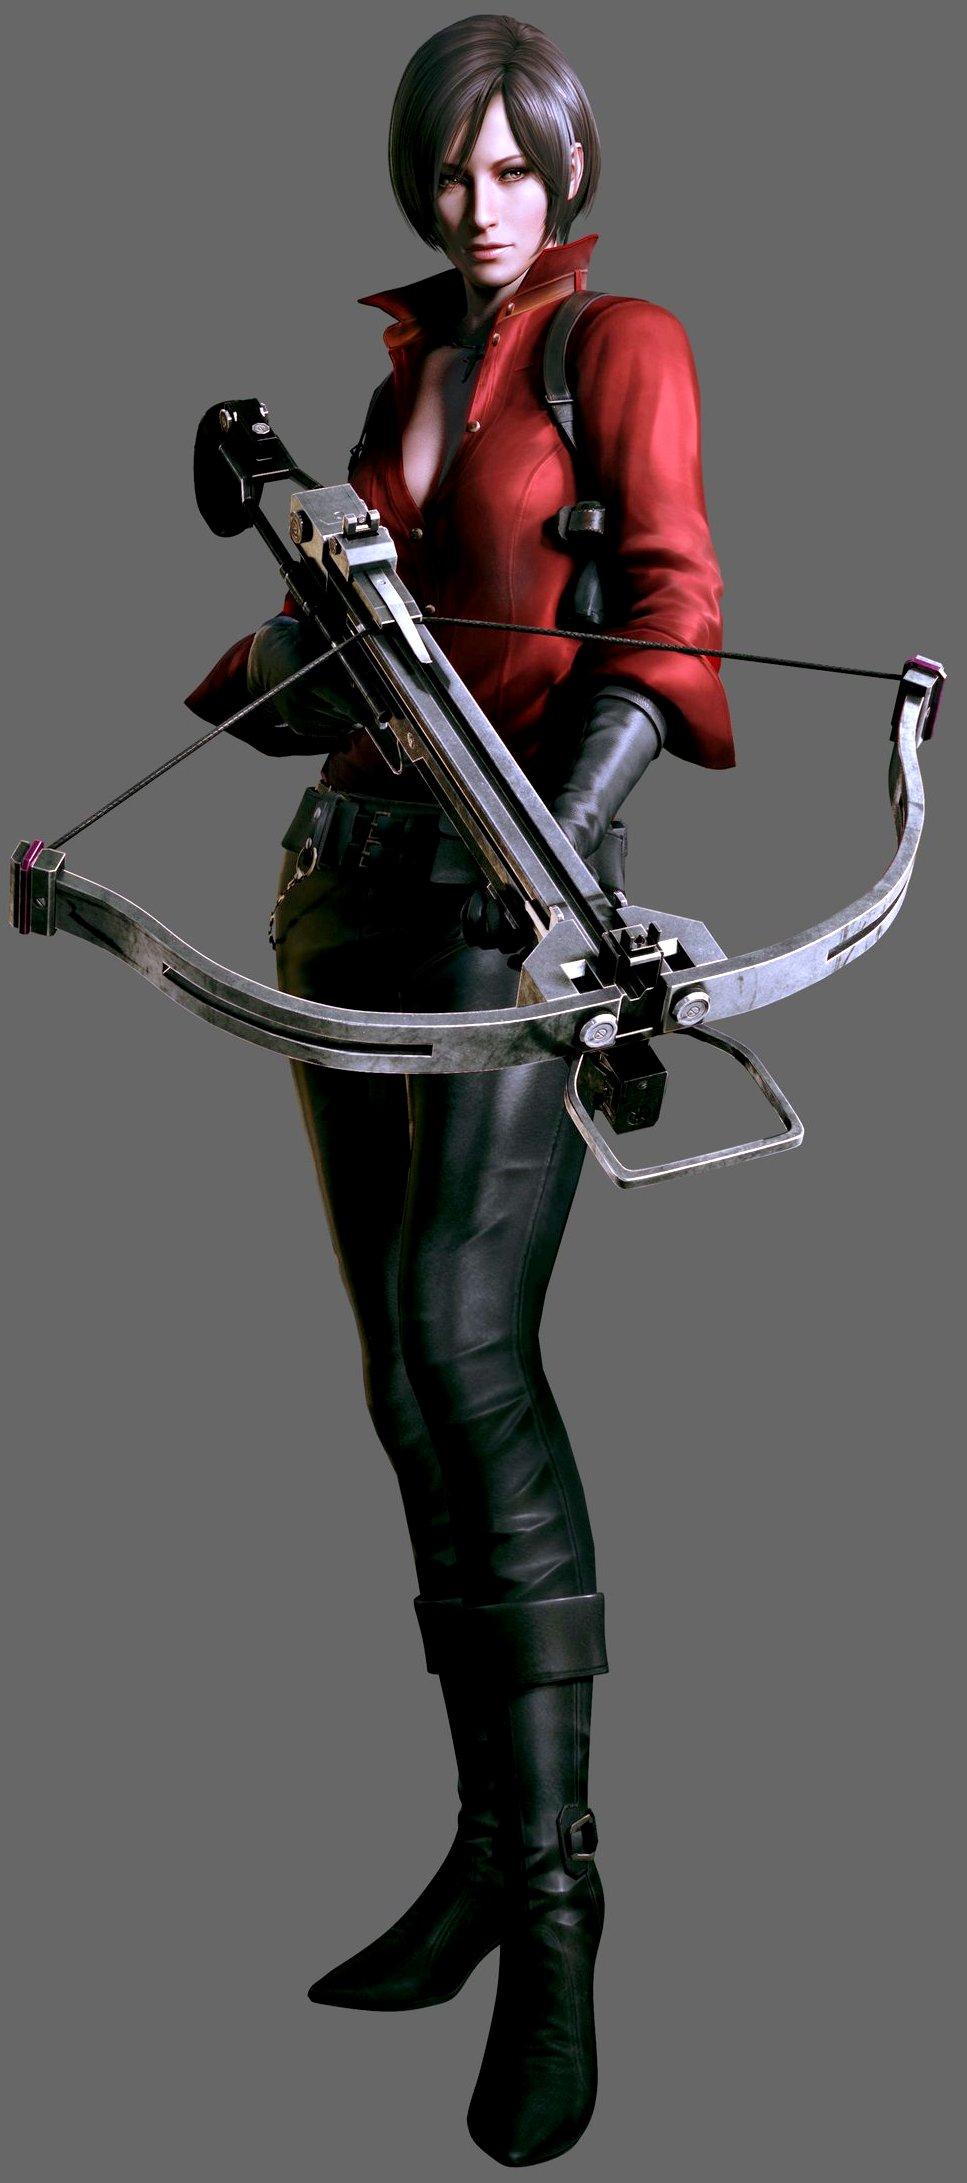 Ada Wong | Resident evil girl, Ada resident evil, Resident